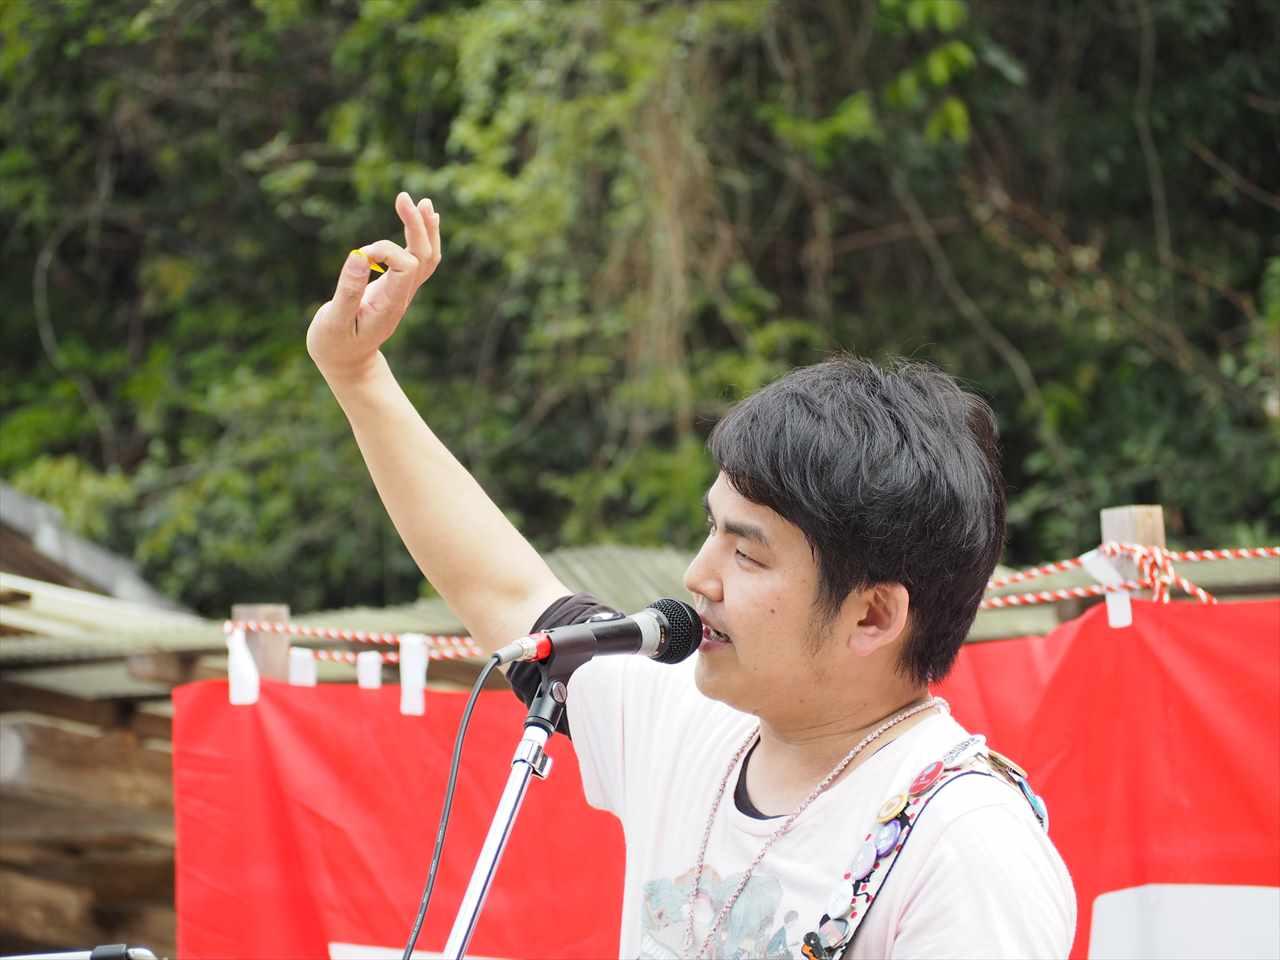 田中いっぺい 第7回いろは手作り市 石井町 童学寺